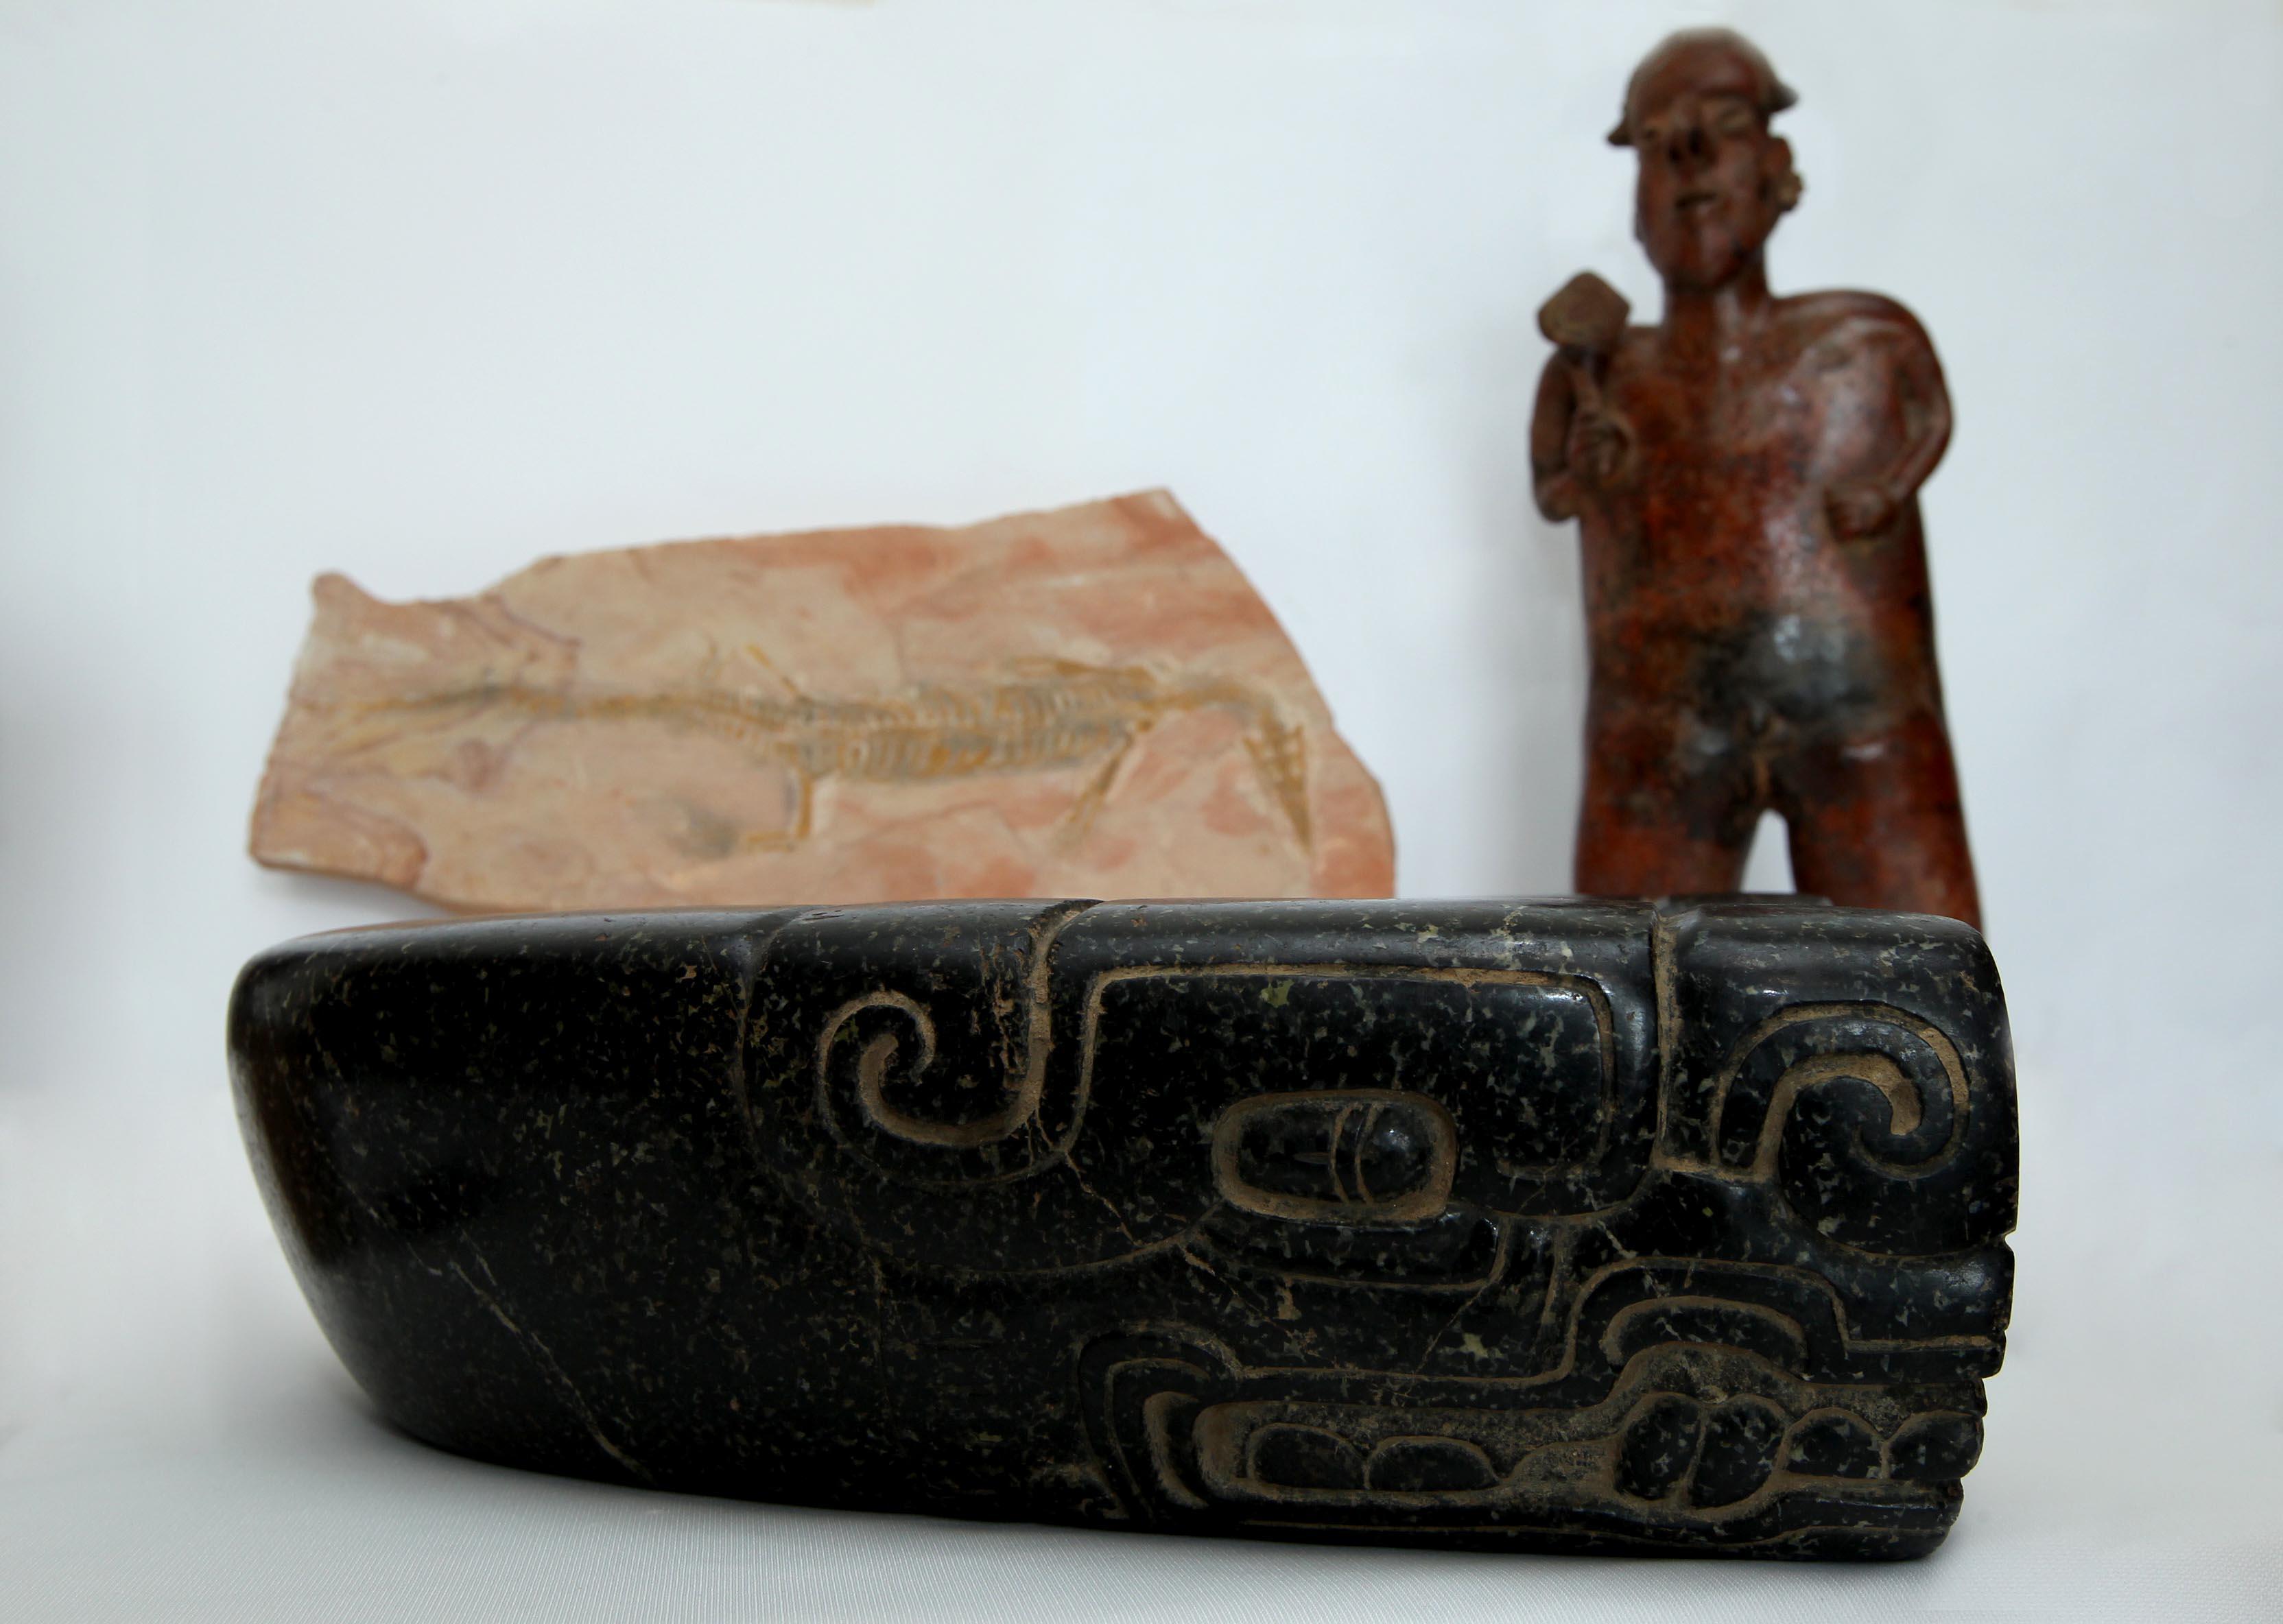 FOTO 4 M xico recupera piezas arqueol gicas y un f sil tras repatriaciones desde seis pa sesjpg